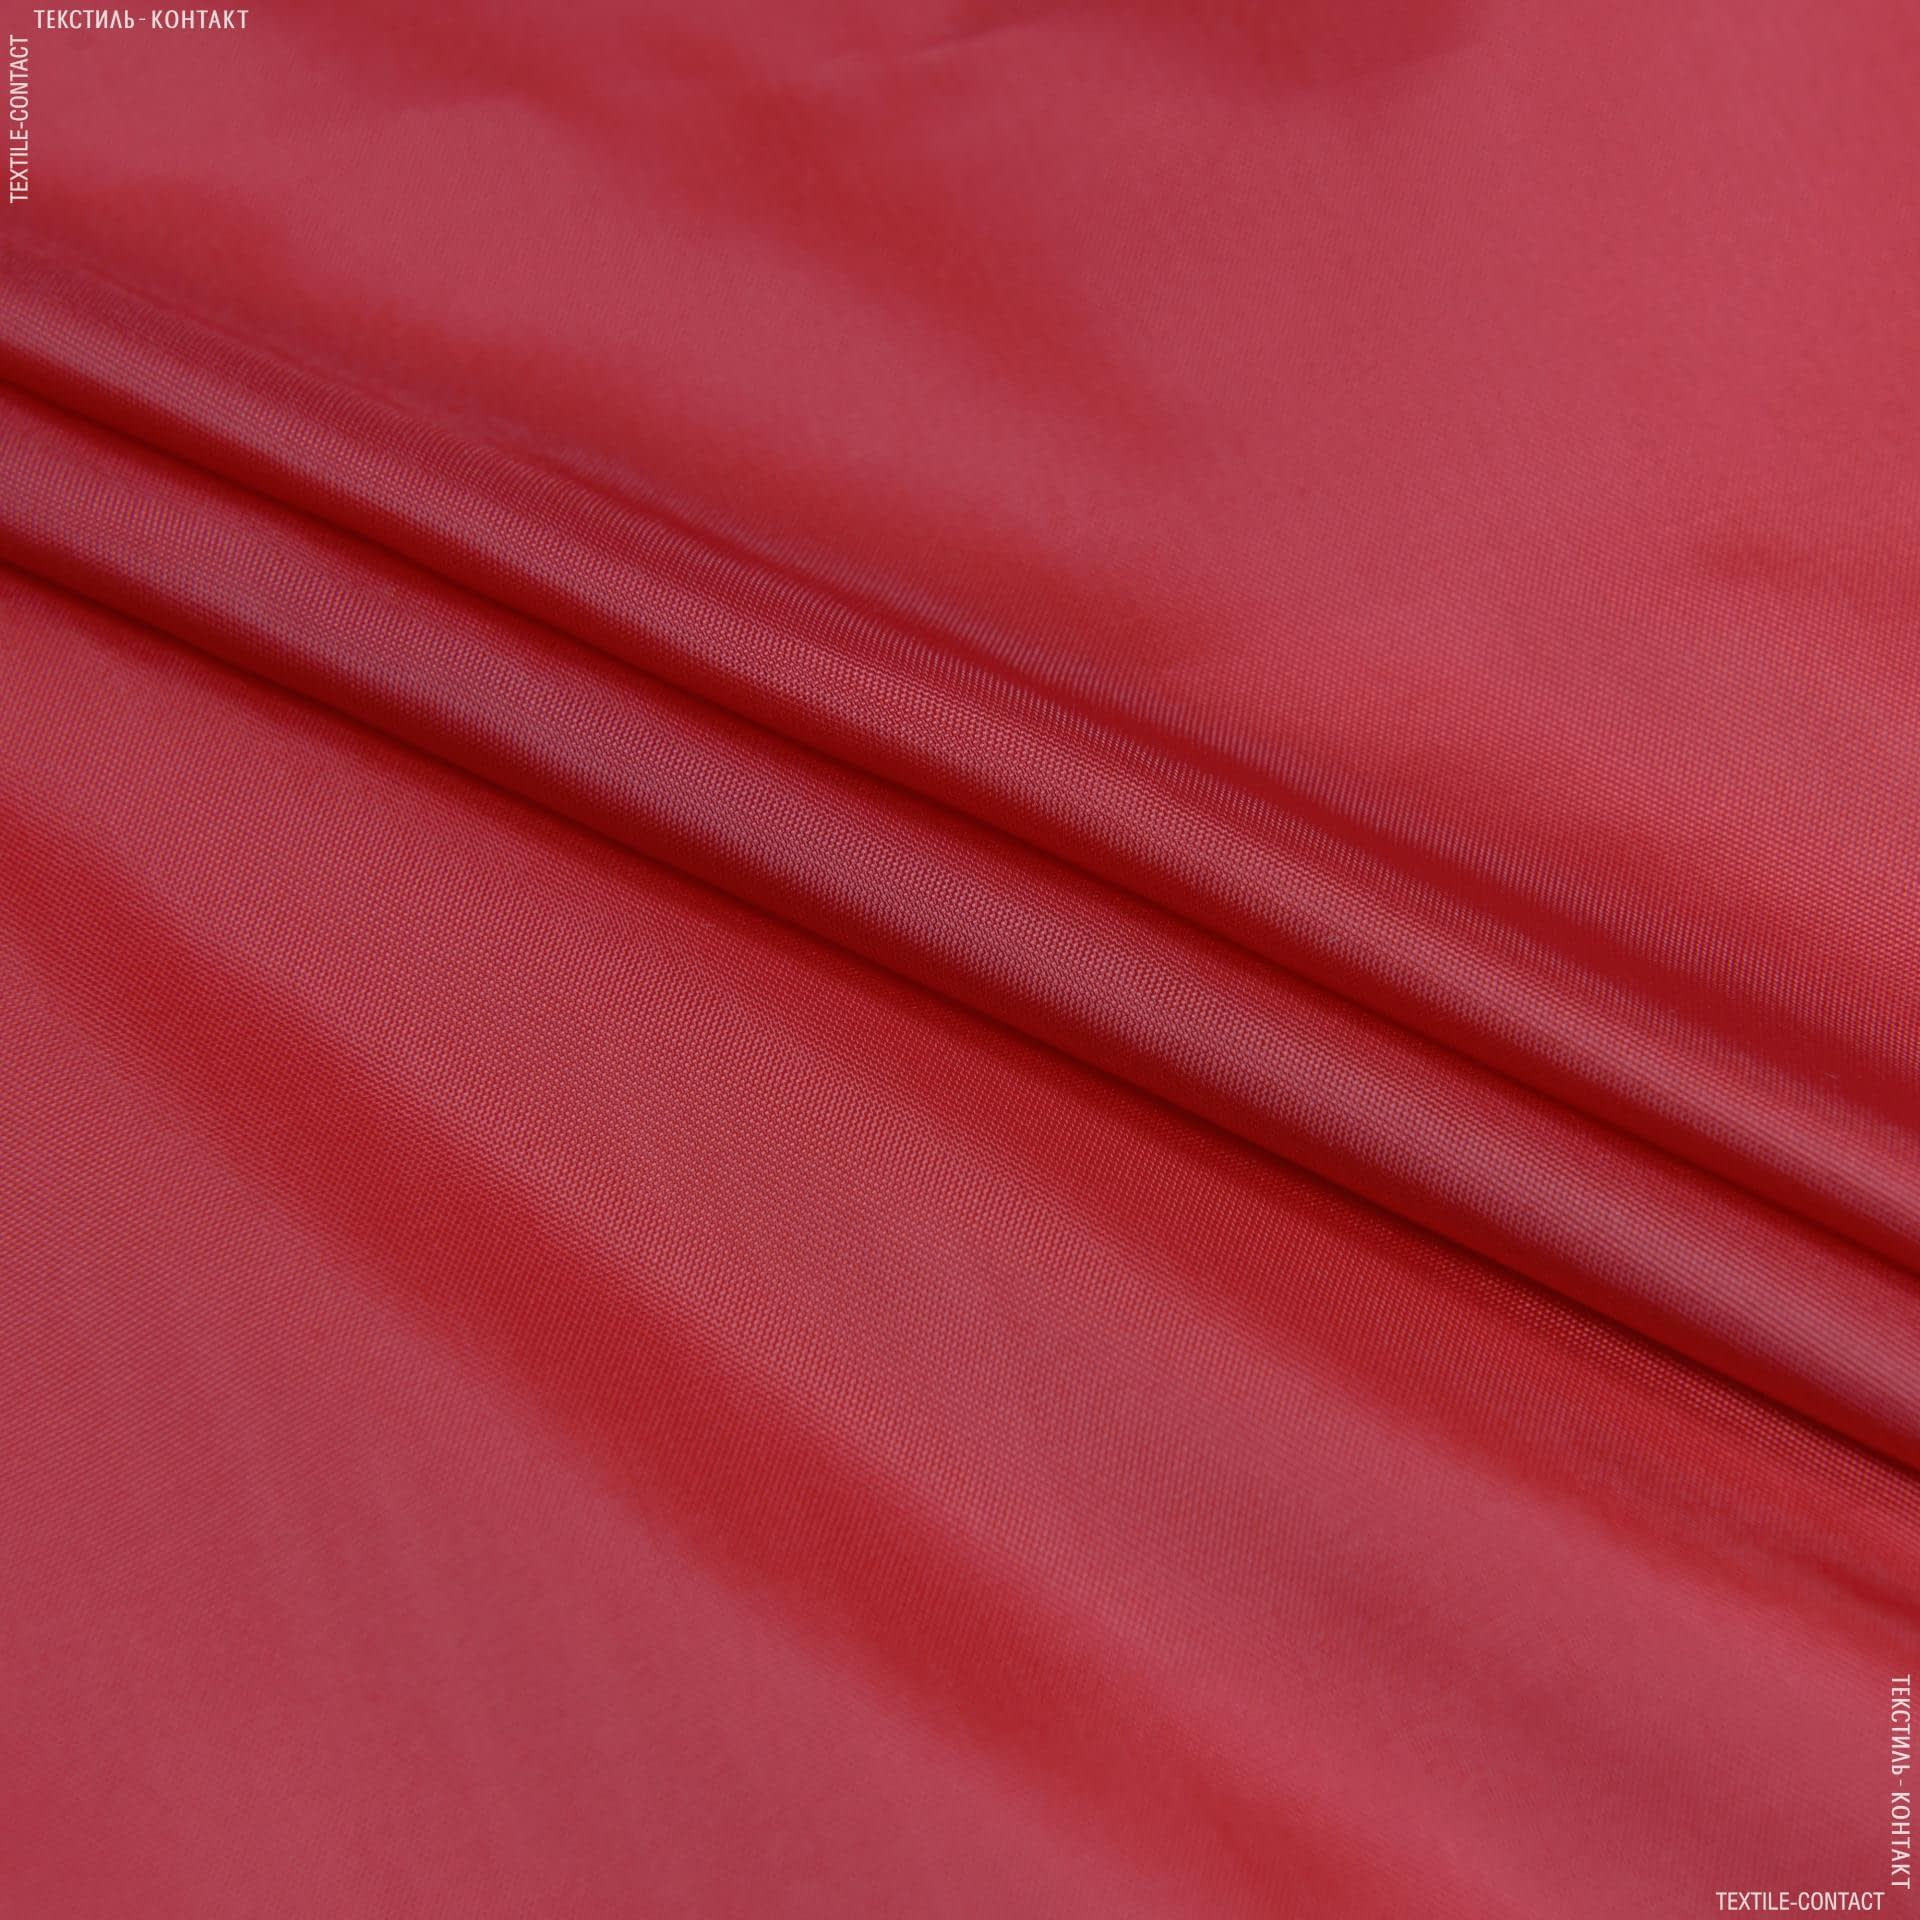 Тканини для наметів - Болонія червоний